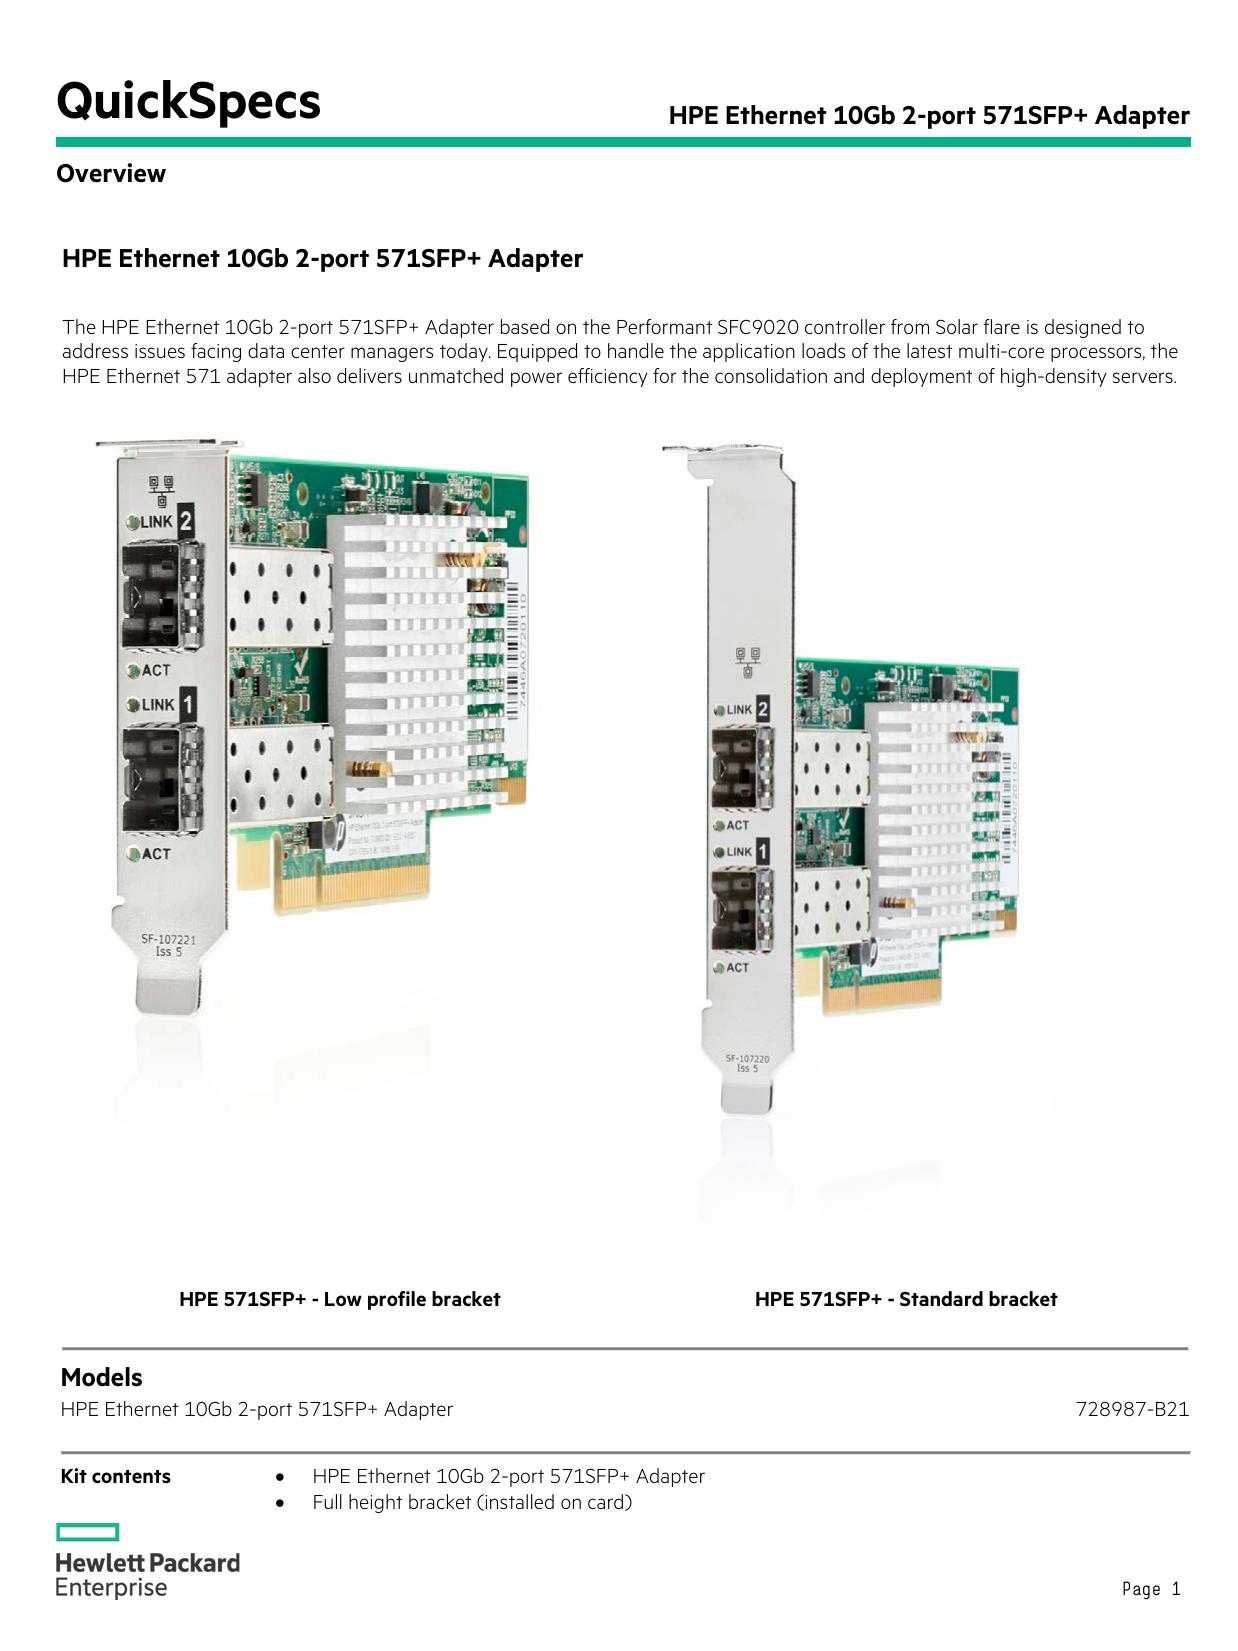 HPE Ethernet 10Gb 2-port 571SFP+ Adapter | manualzz com